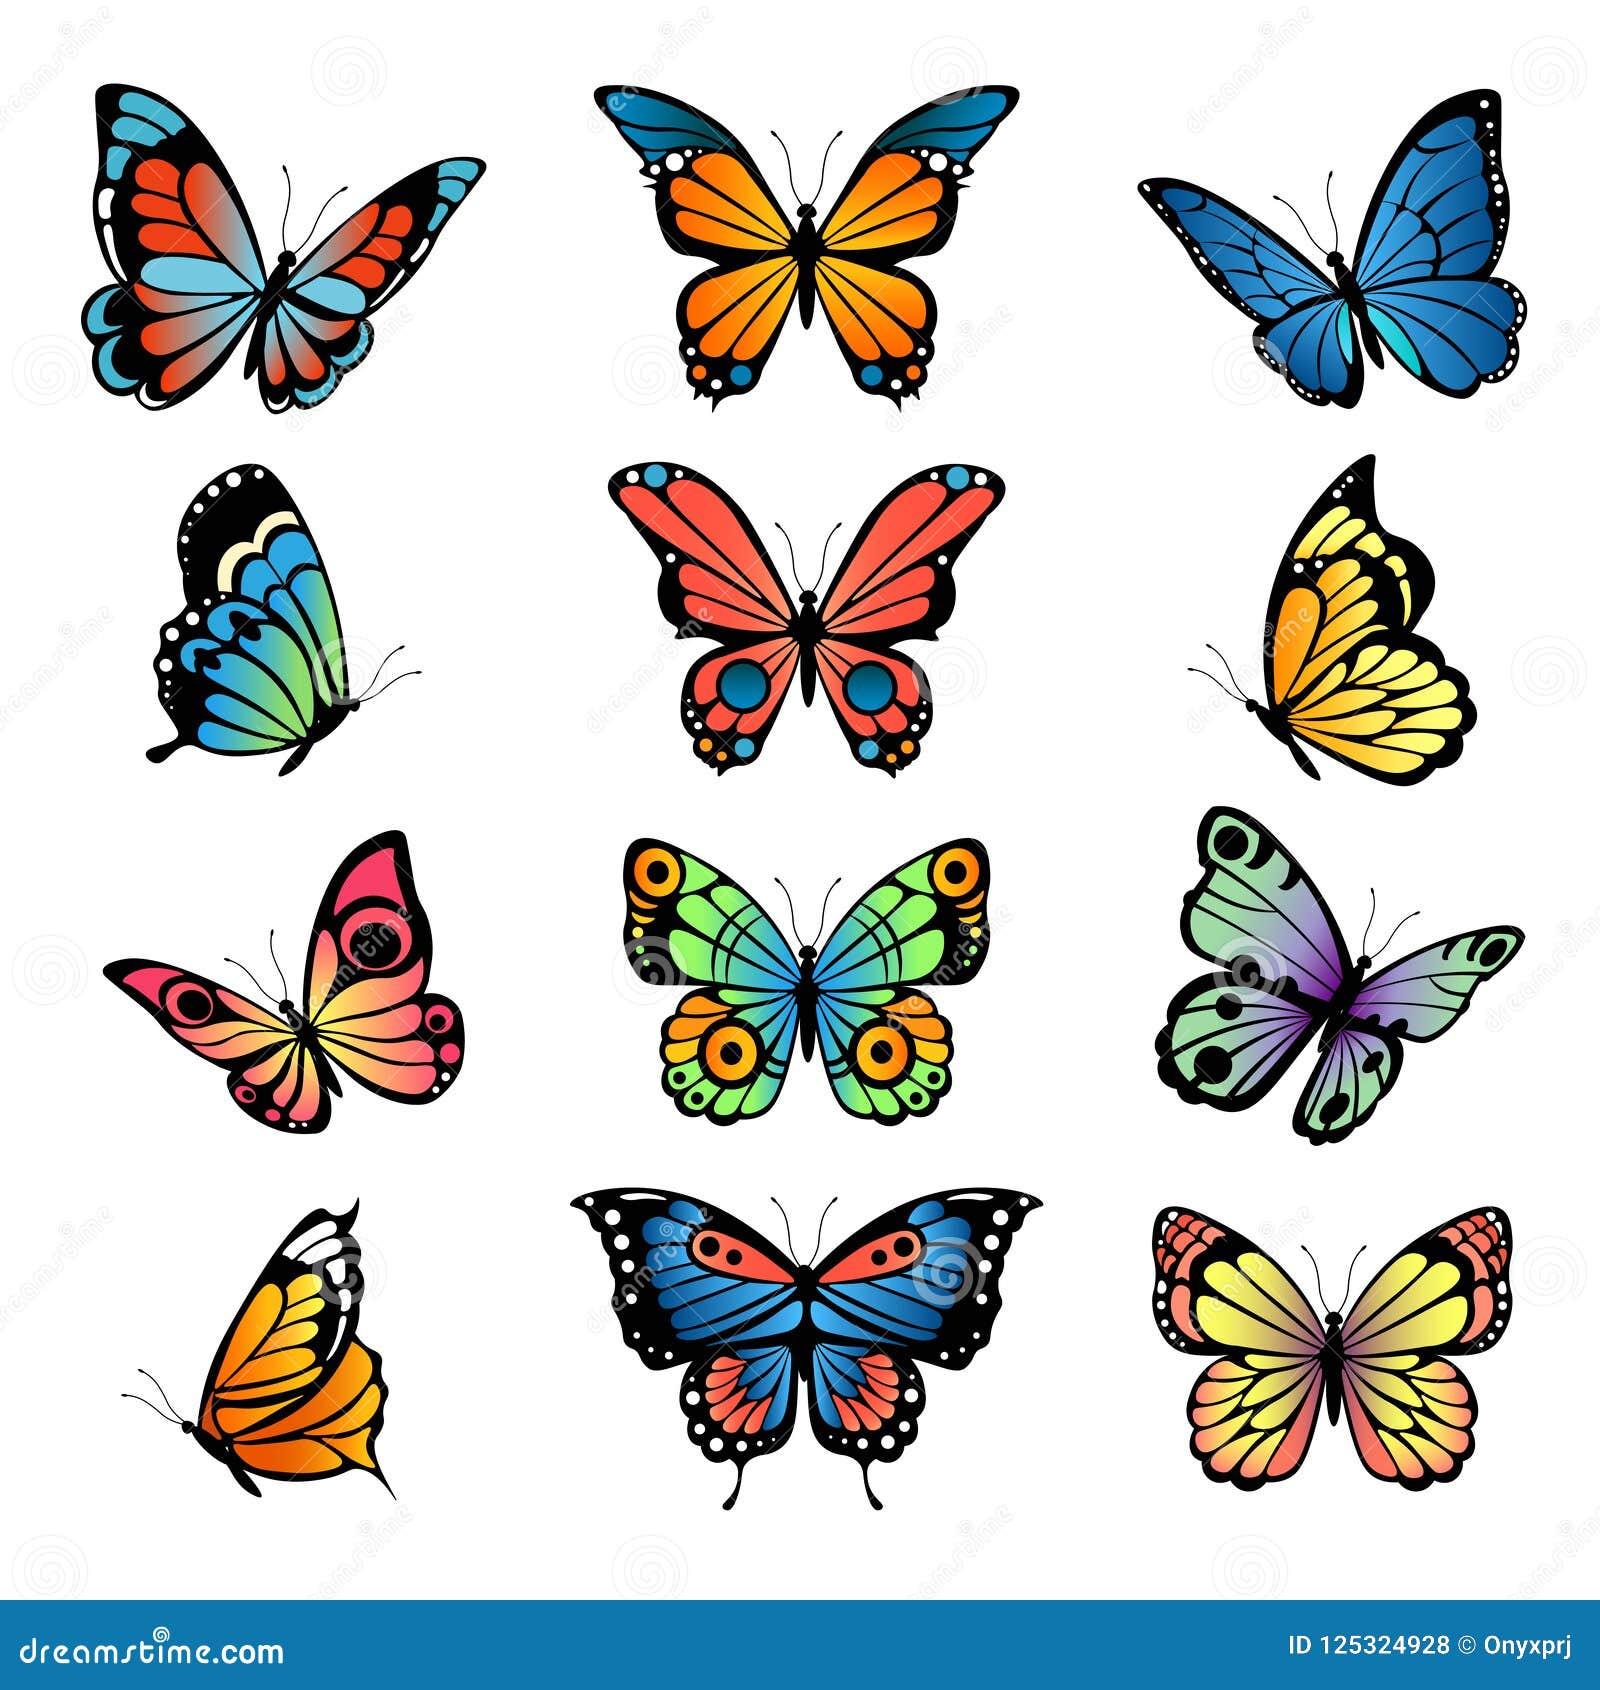 Διάφορες πεταλούδες κινούμενων σχεδίων Καθορισμένες διανυσματικές απεικονίσεις των πεταλούδων